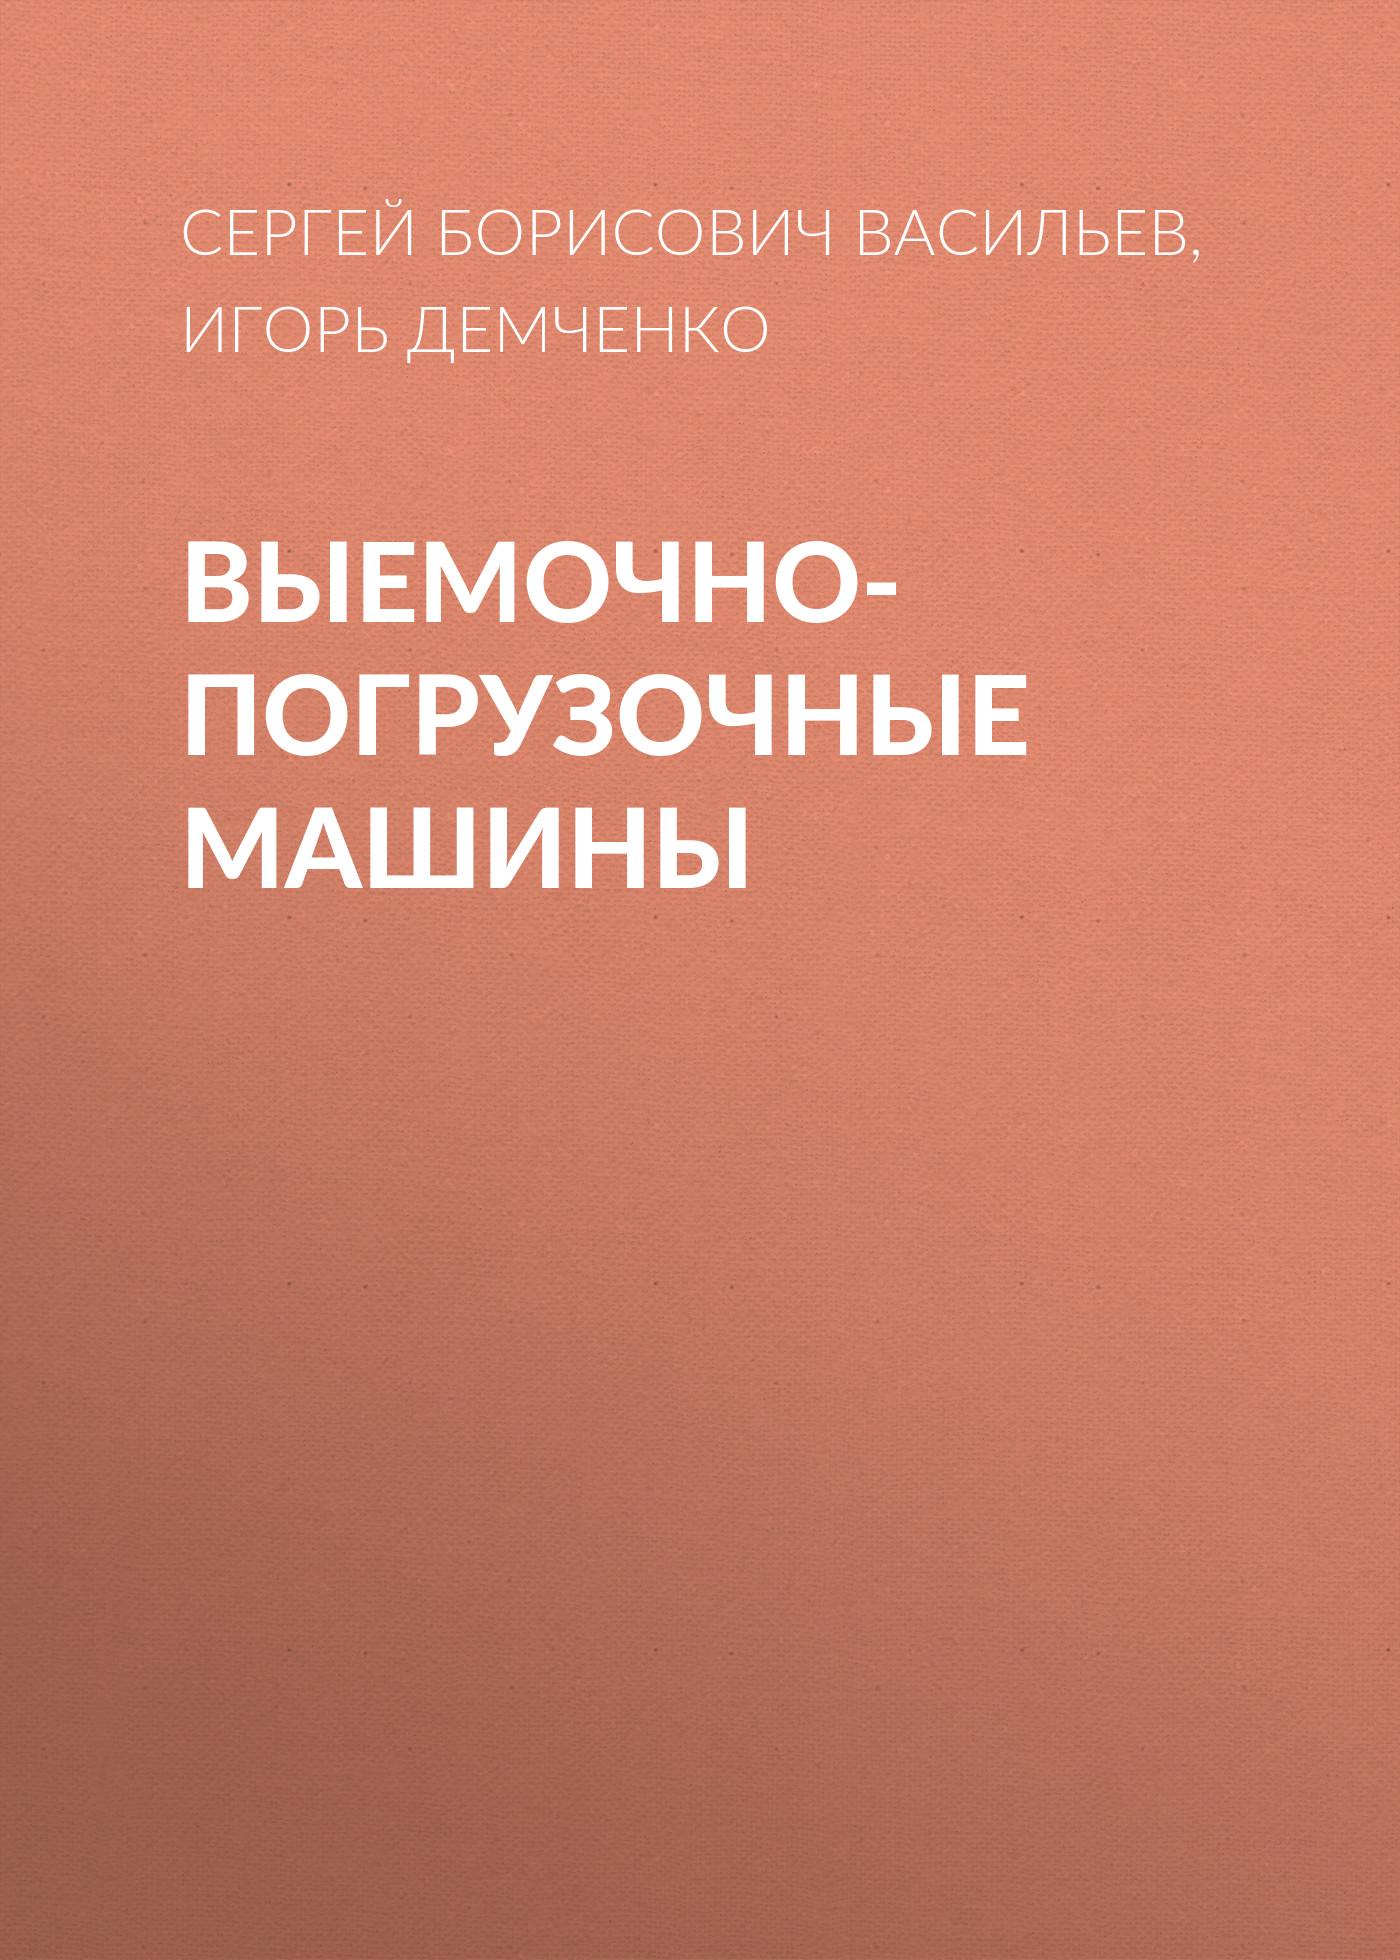 Сергей Борисович Васильев Выемочно-погрузочные машины сергей васильев истории дальнобойщика